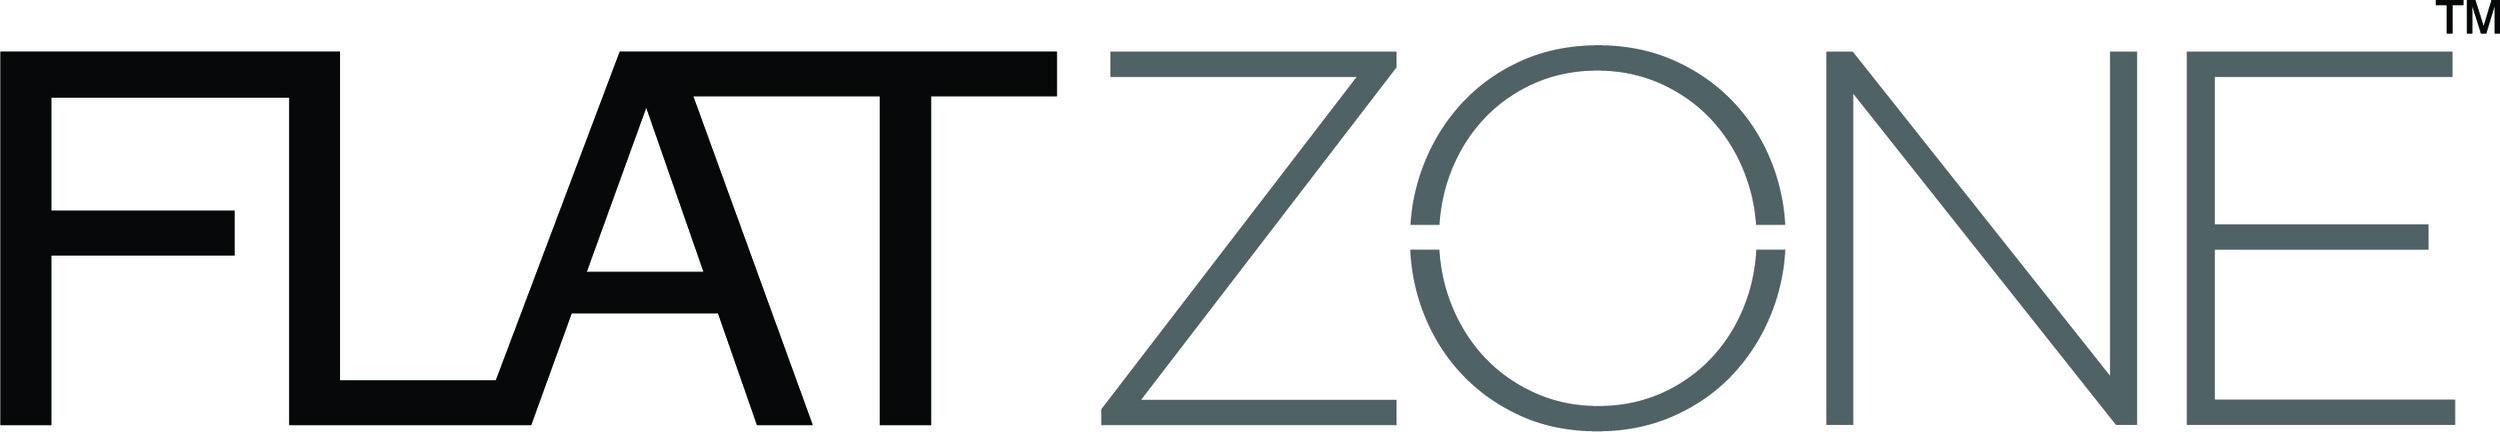 Flat-Zone-Logo.jpg